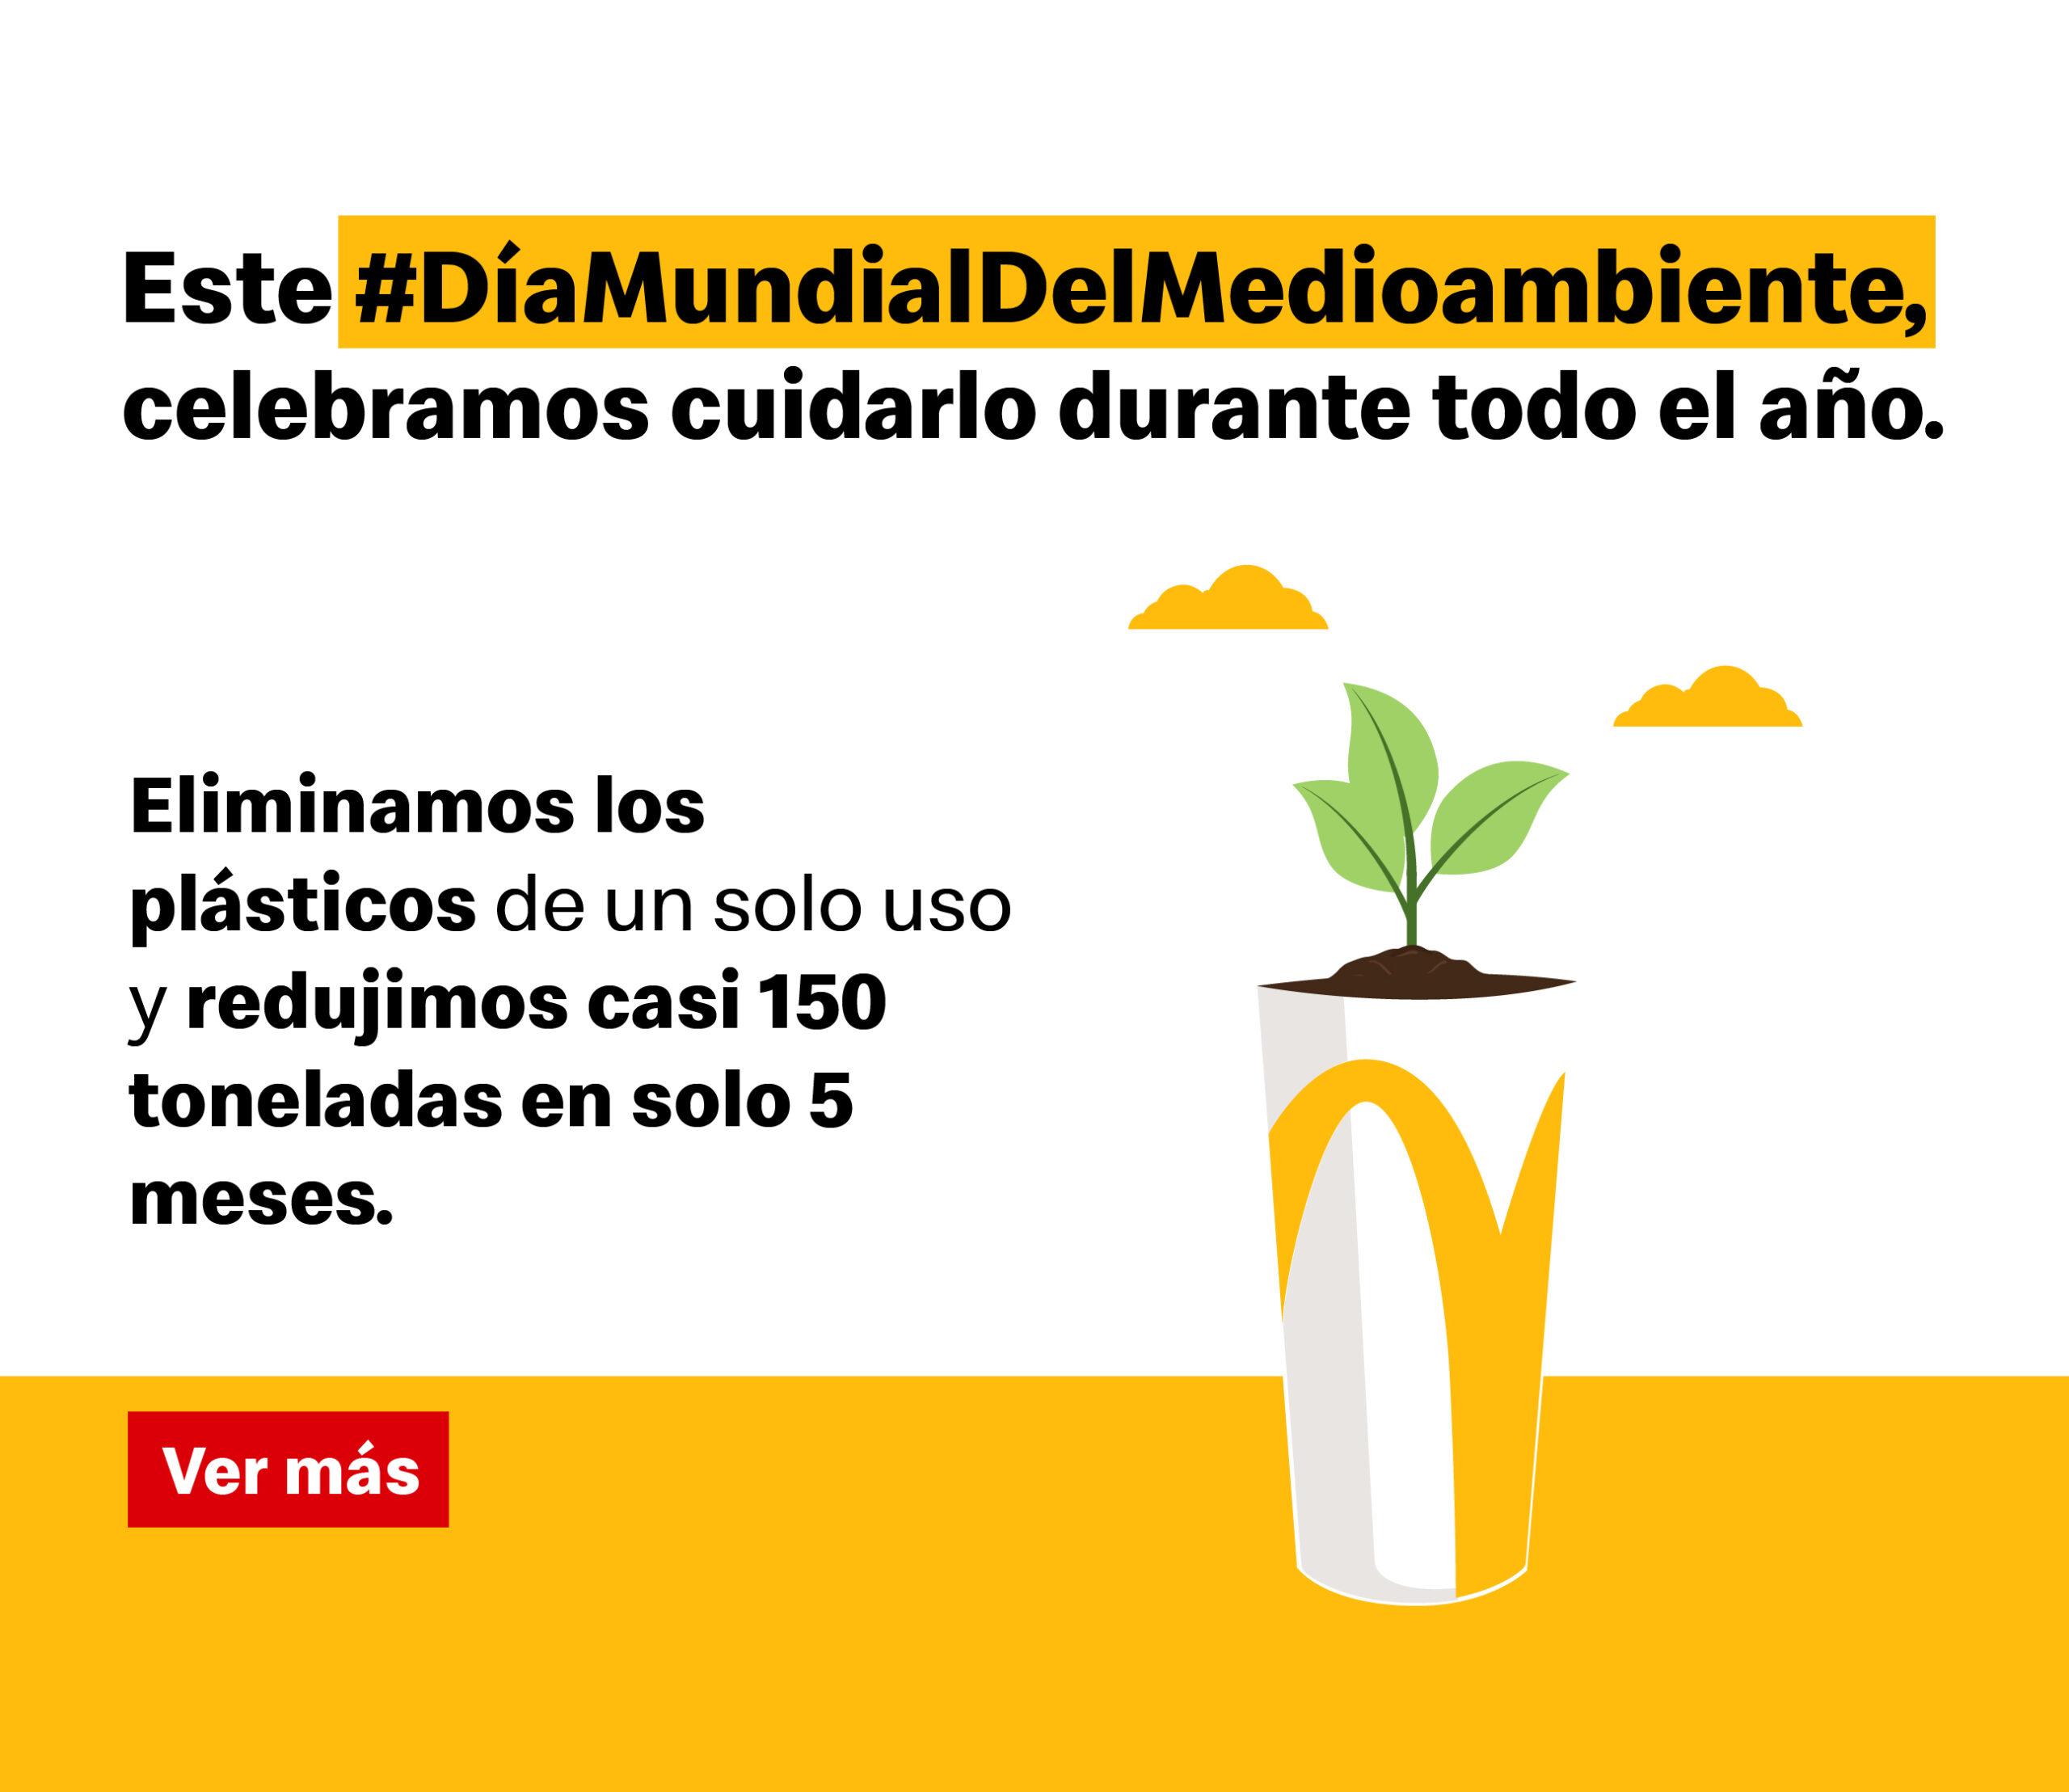 En el Día Mundial del Medio Ambiente, Arcos Dorados anuncia la eliminación de casi 150 toneladas de plástico de un solo uso en 2020